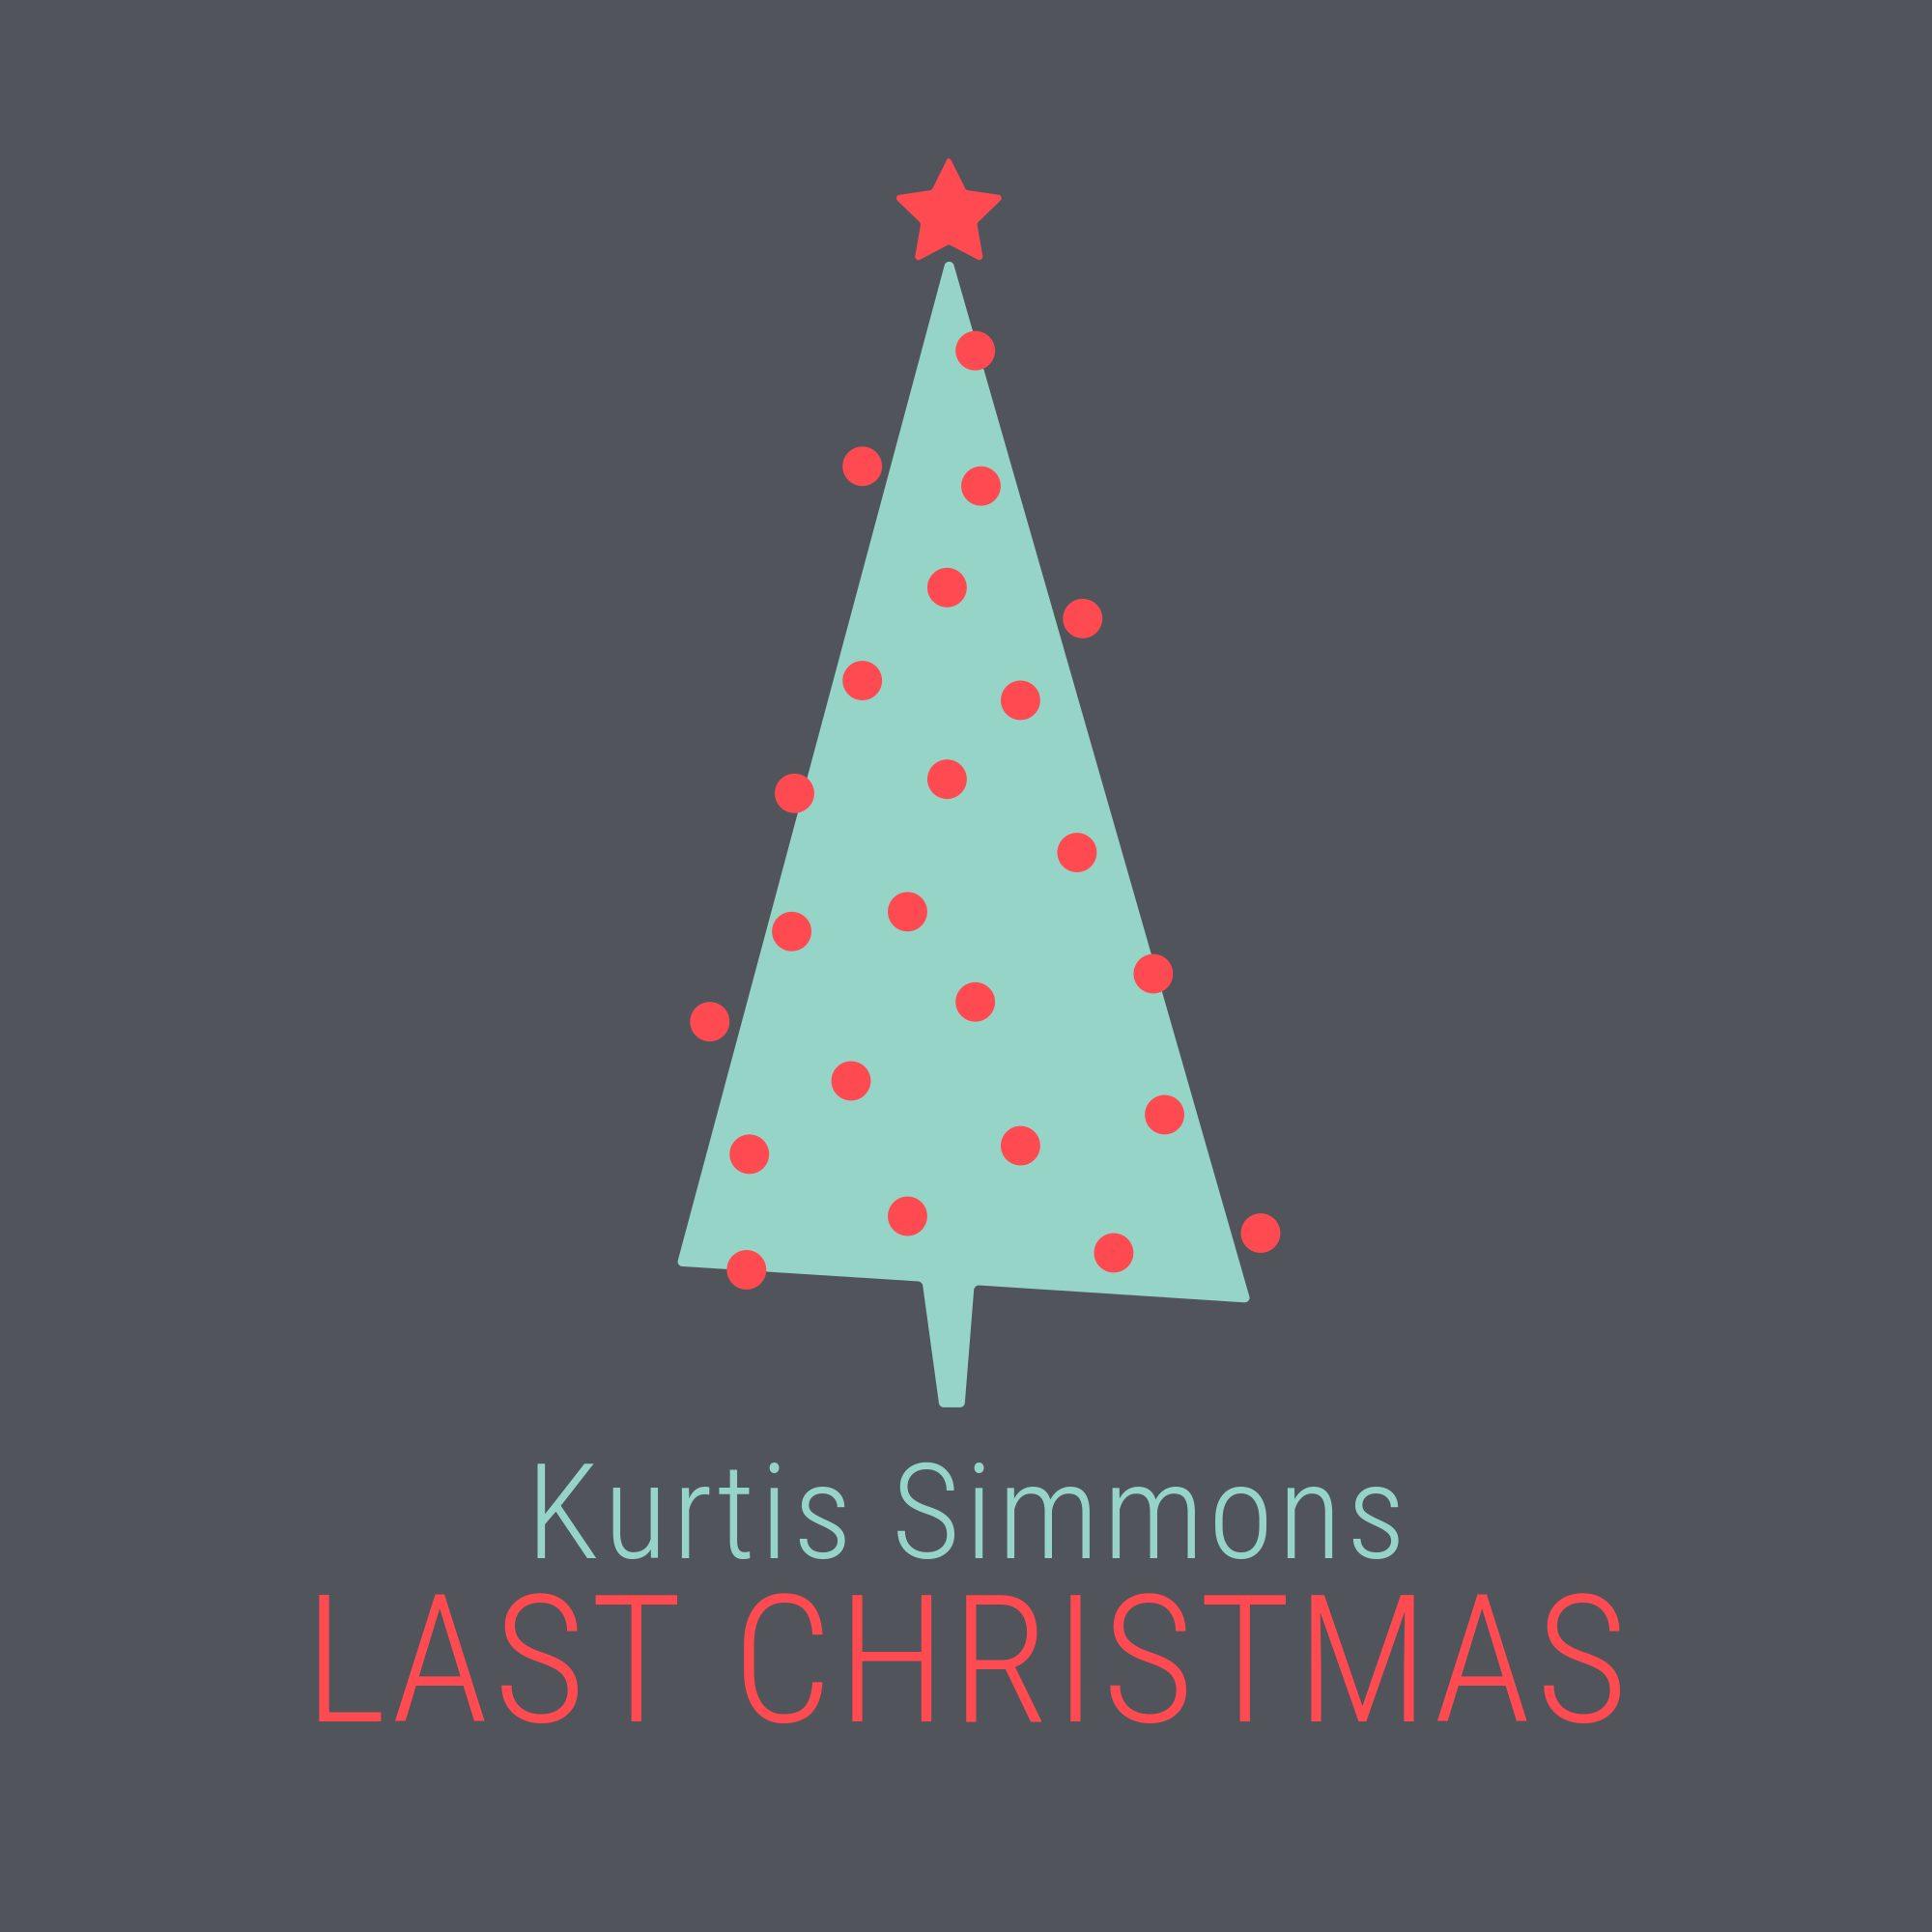 Last Christmas.jpg